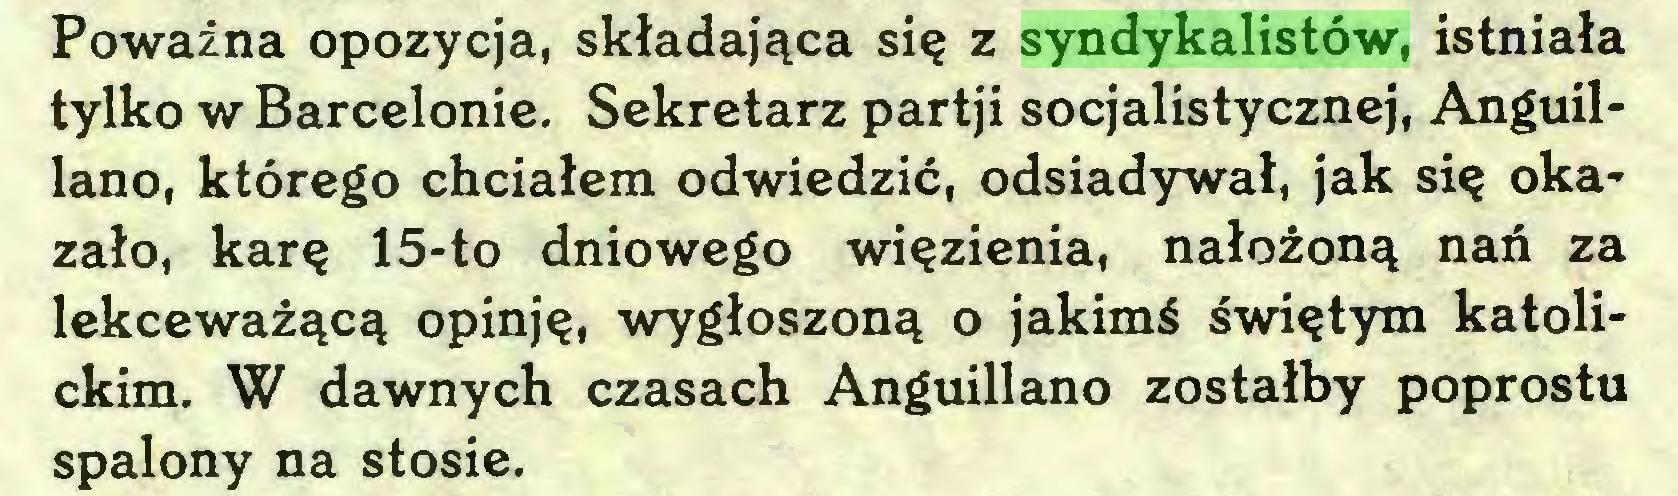 (...) Poważna opozycja, składająca się z syndykalistów, istniała tylko w Barcelonie. Sekretarz partji socjalistycznej, Anguillano, którego chciałem odwiedzić, odsiadywał, jak się okazało, karę 15-to dniowego więzienia, nałożoną nań za lekceważącą opinję, wygłoszoną o jakimś świętym katolickim. W dawnych czasach Anguillano zostałby poprostti spalony na stosie...